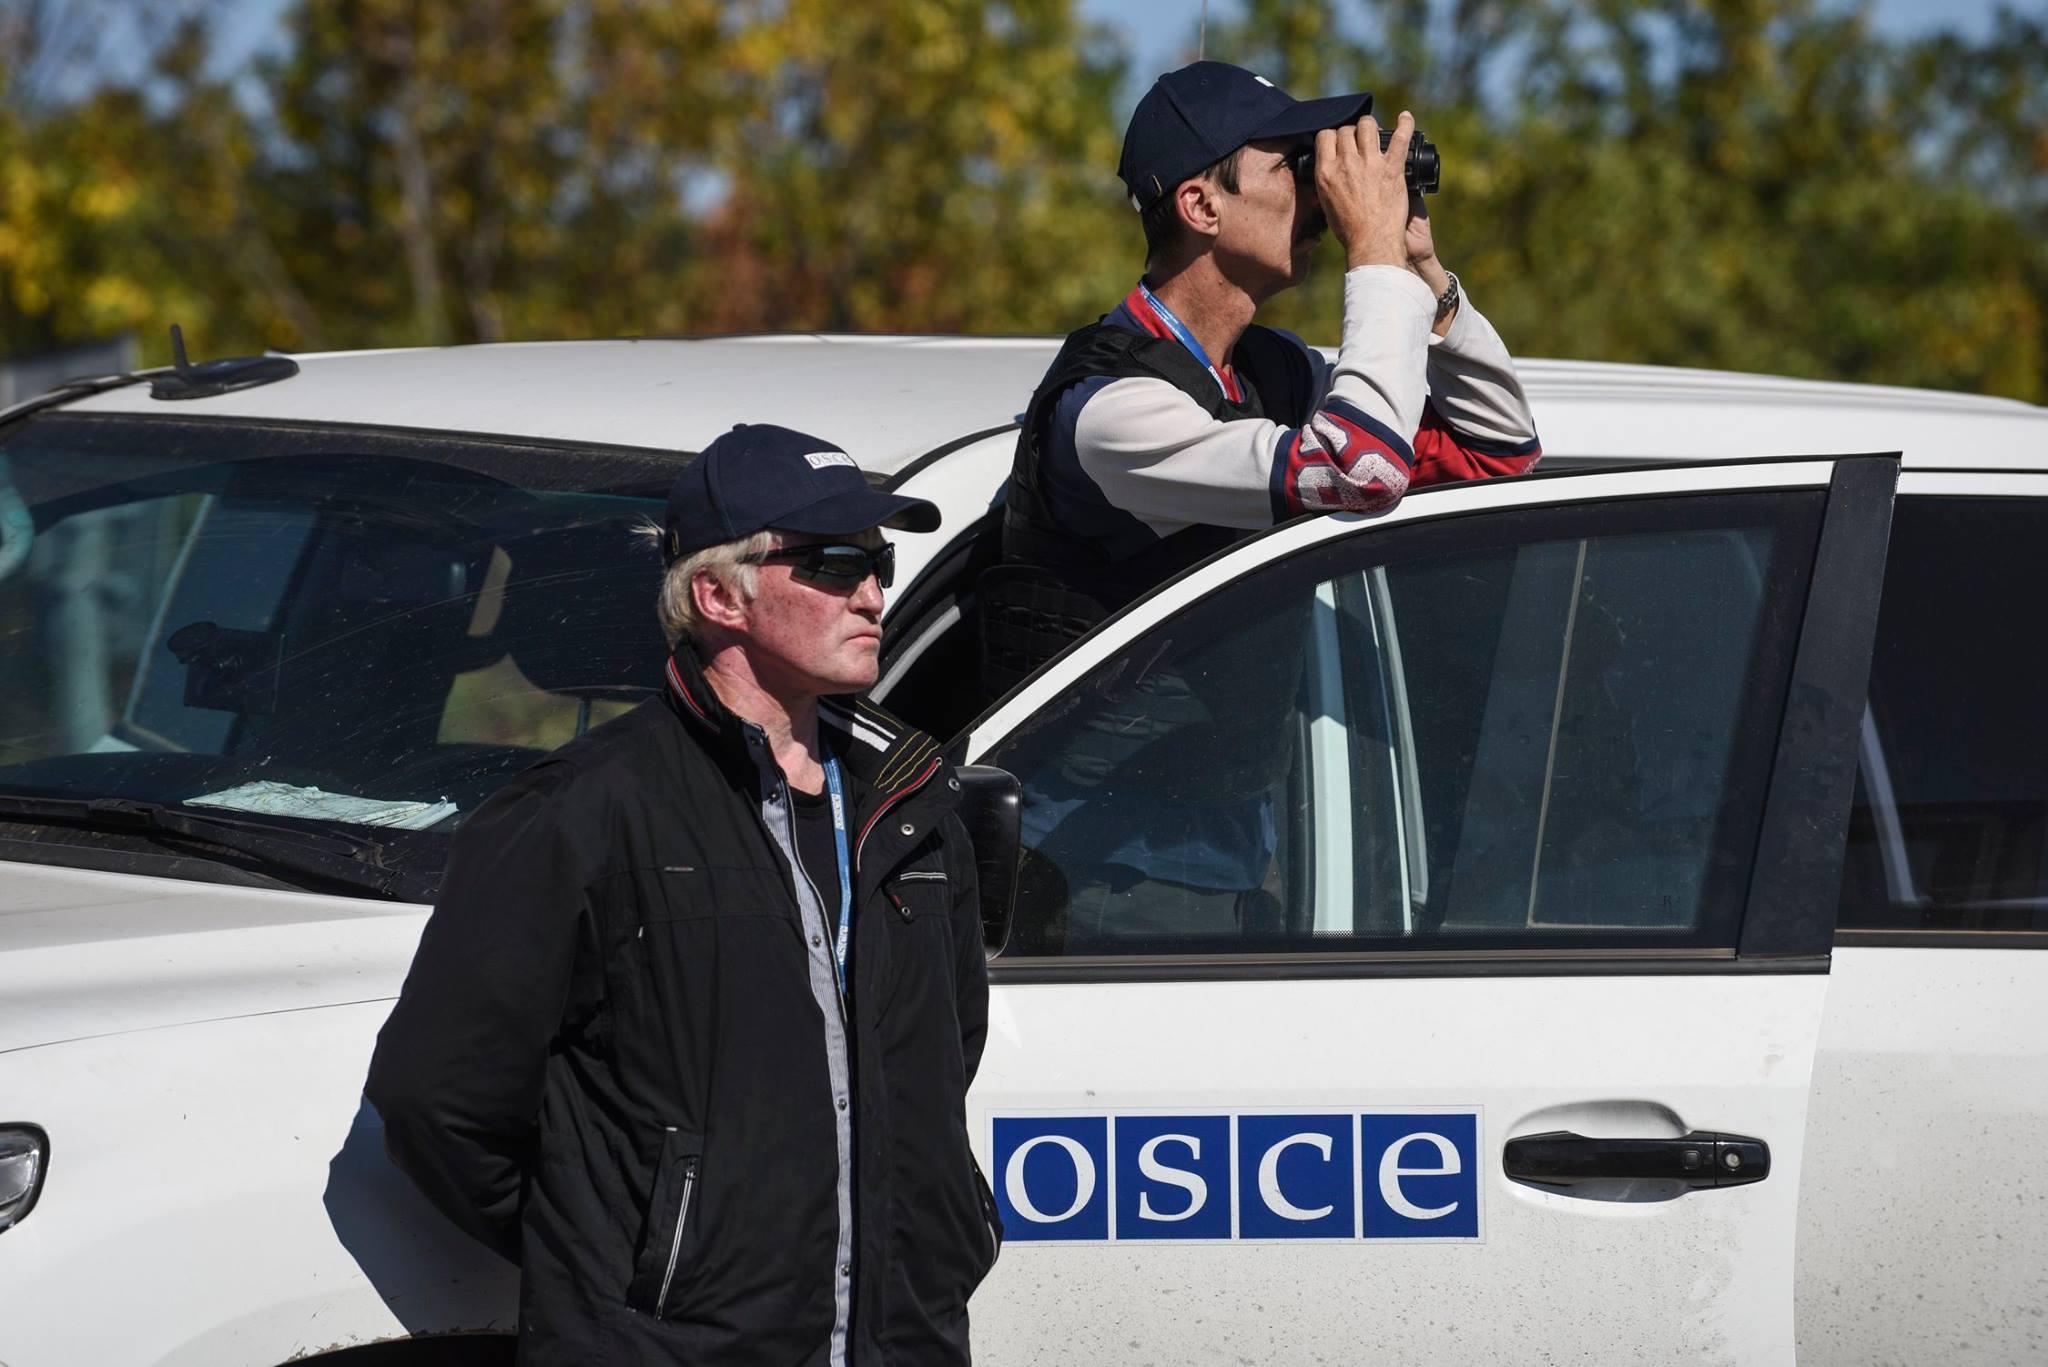 ОБСЕ не только на востоке Украины: МИД Венгрии потребовало разместить наблюдательную миссию на Закарпатье